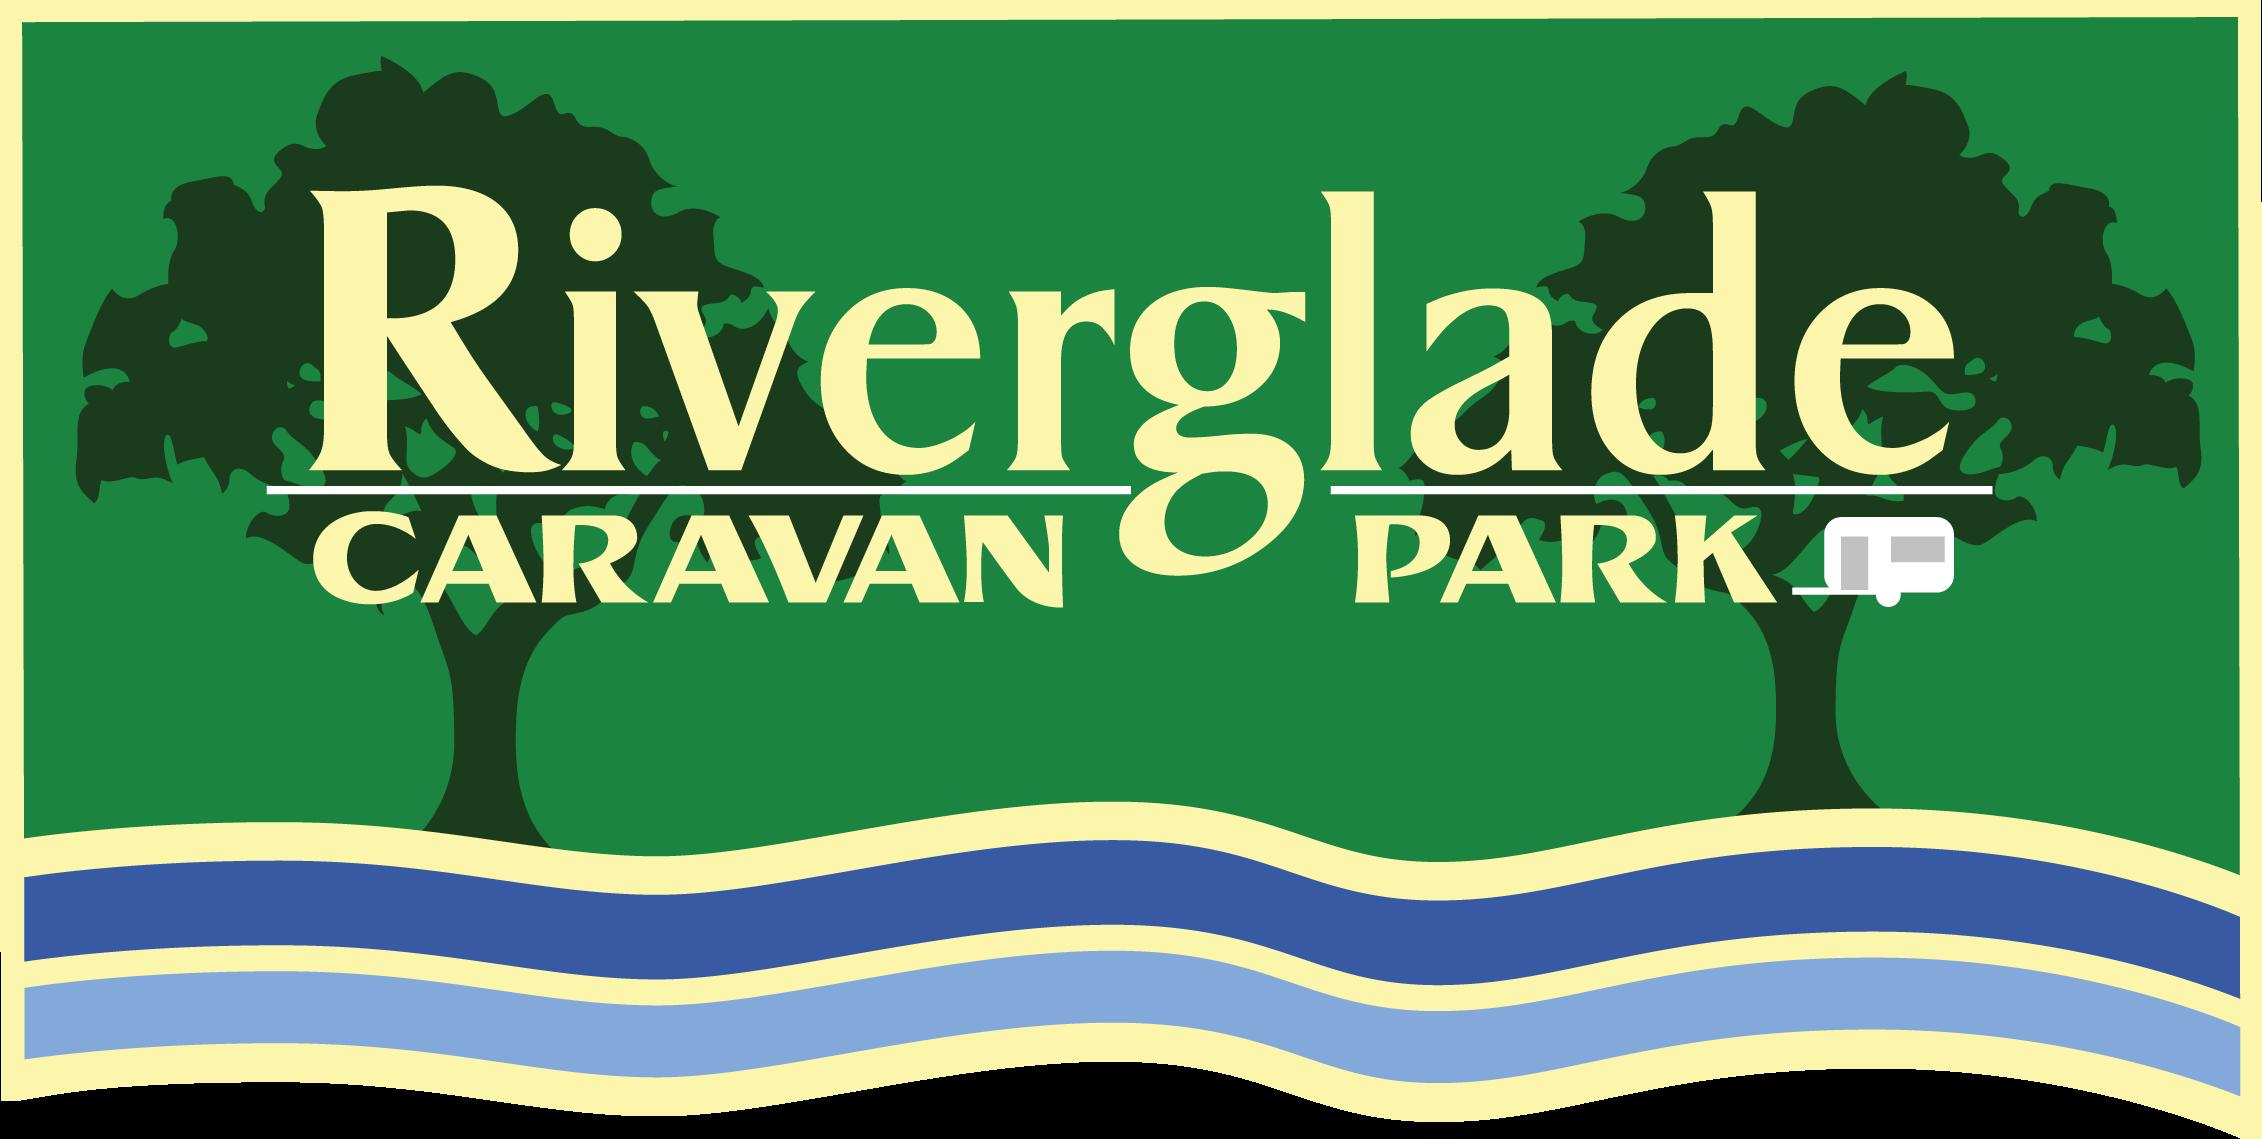 Riverglade-official-logo